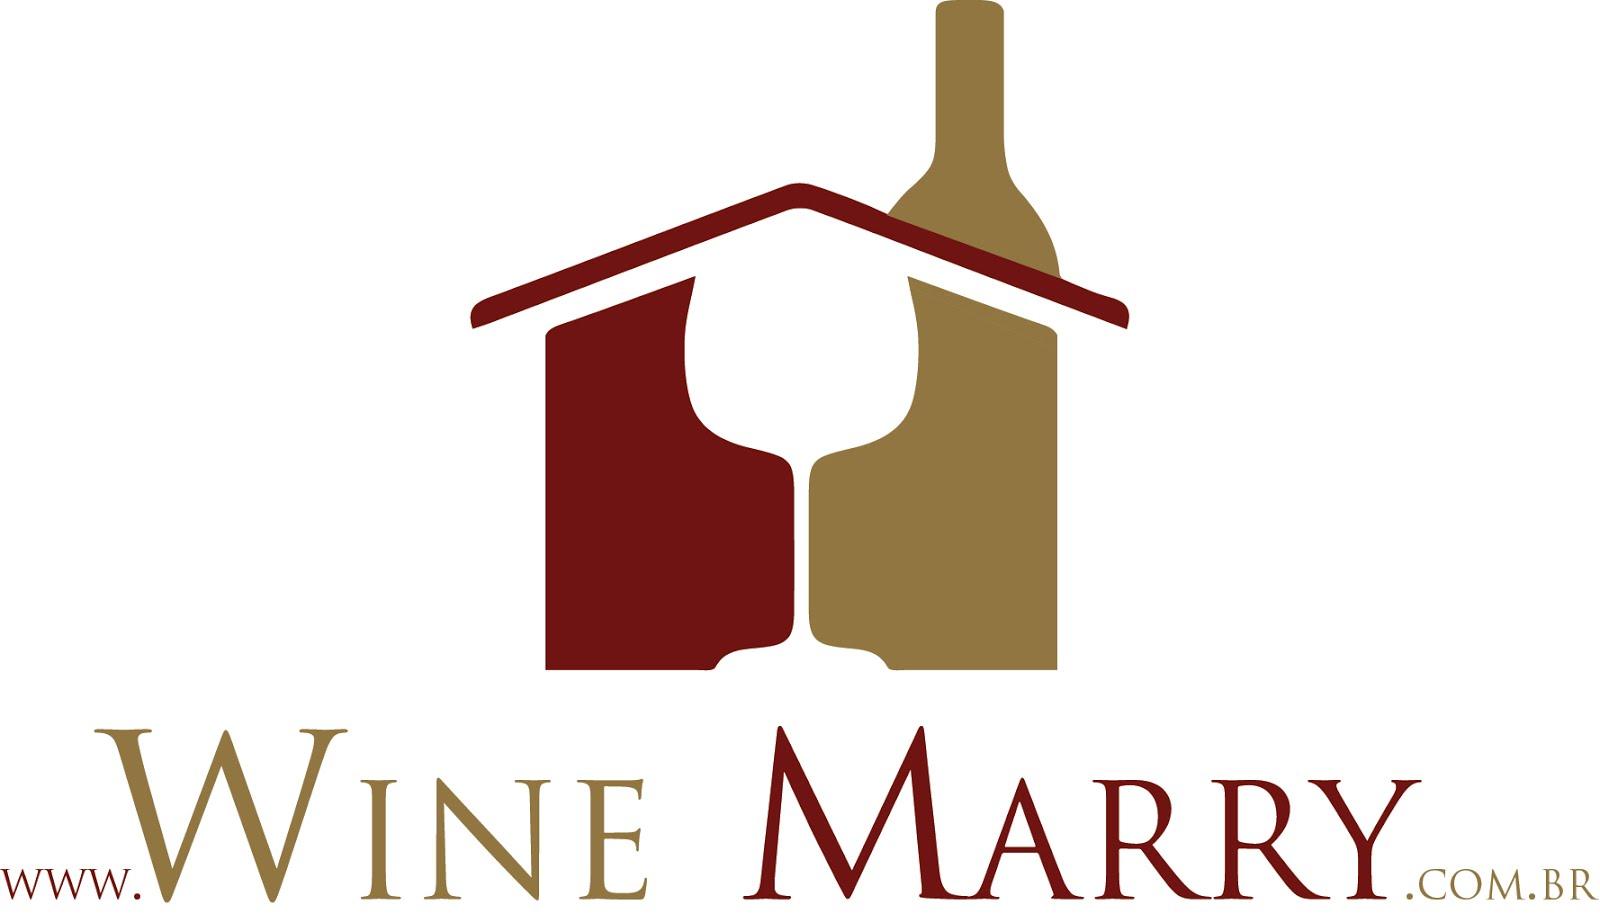 WineMarry